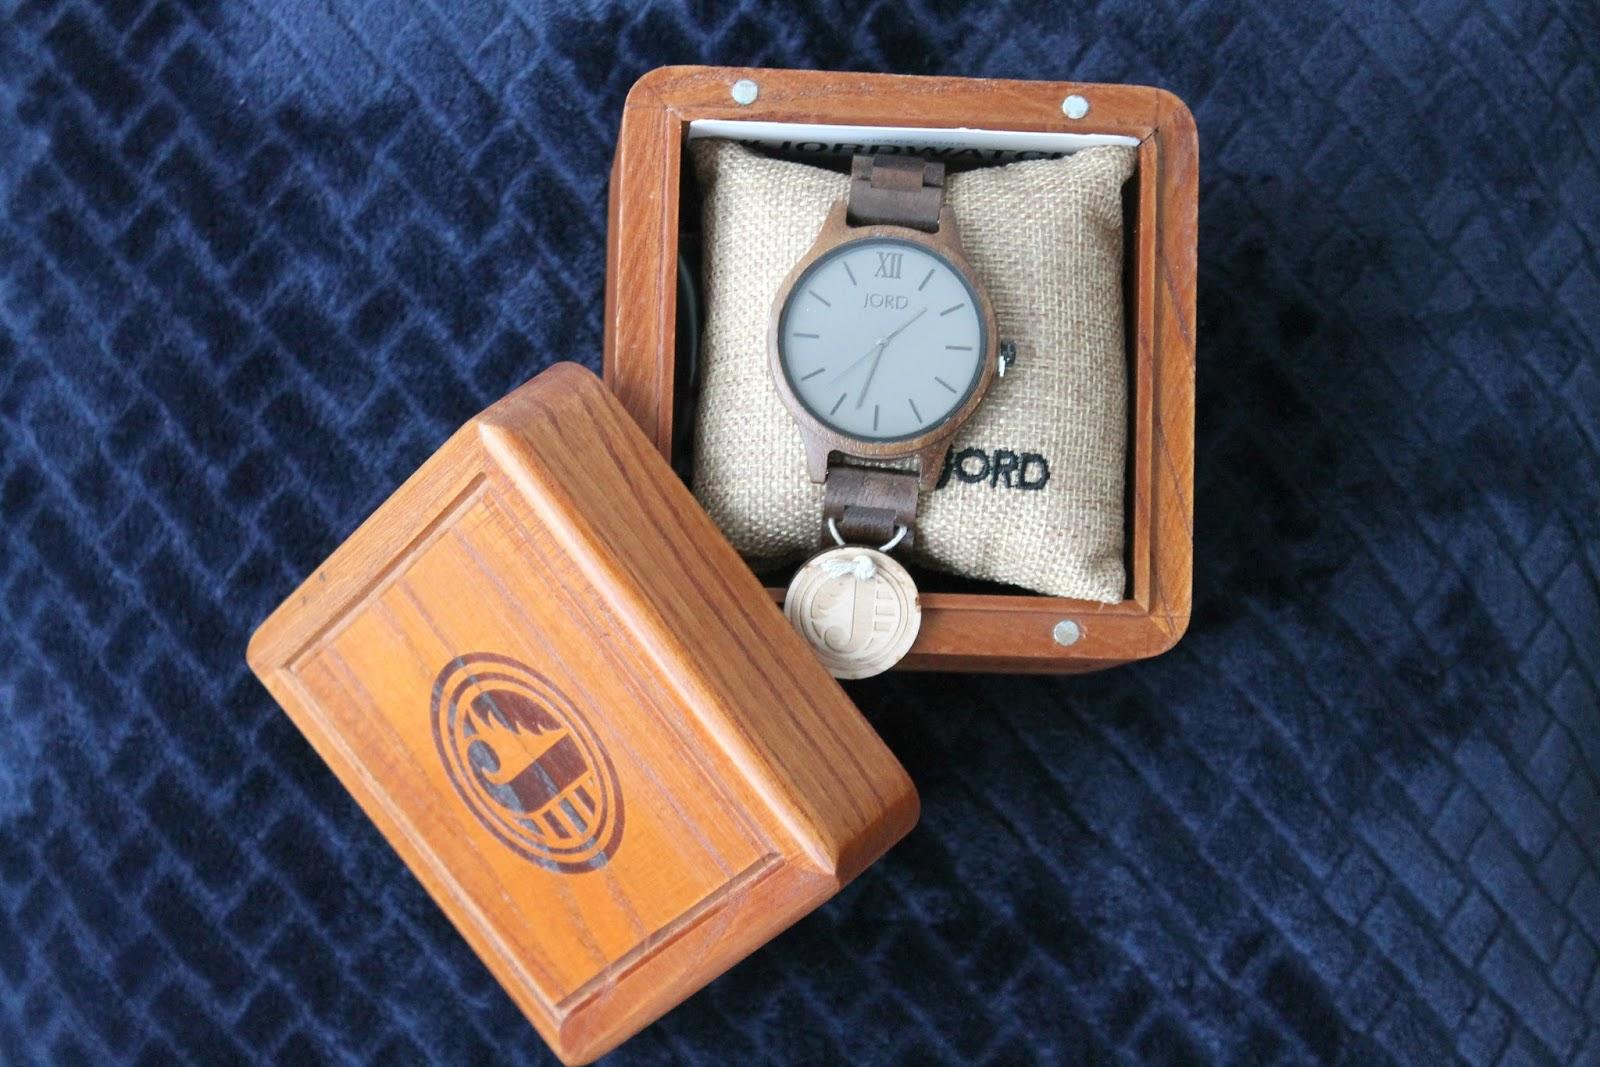 Jord Unique Wooden Watch